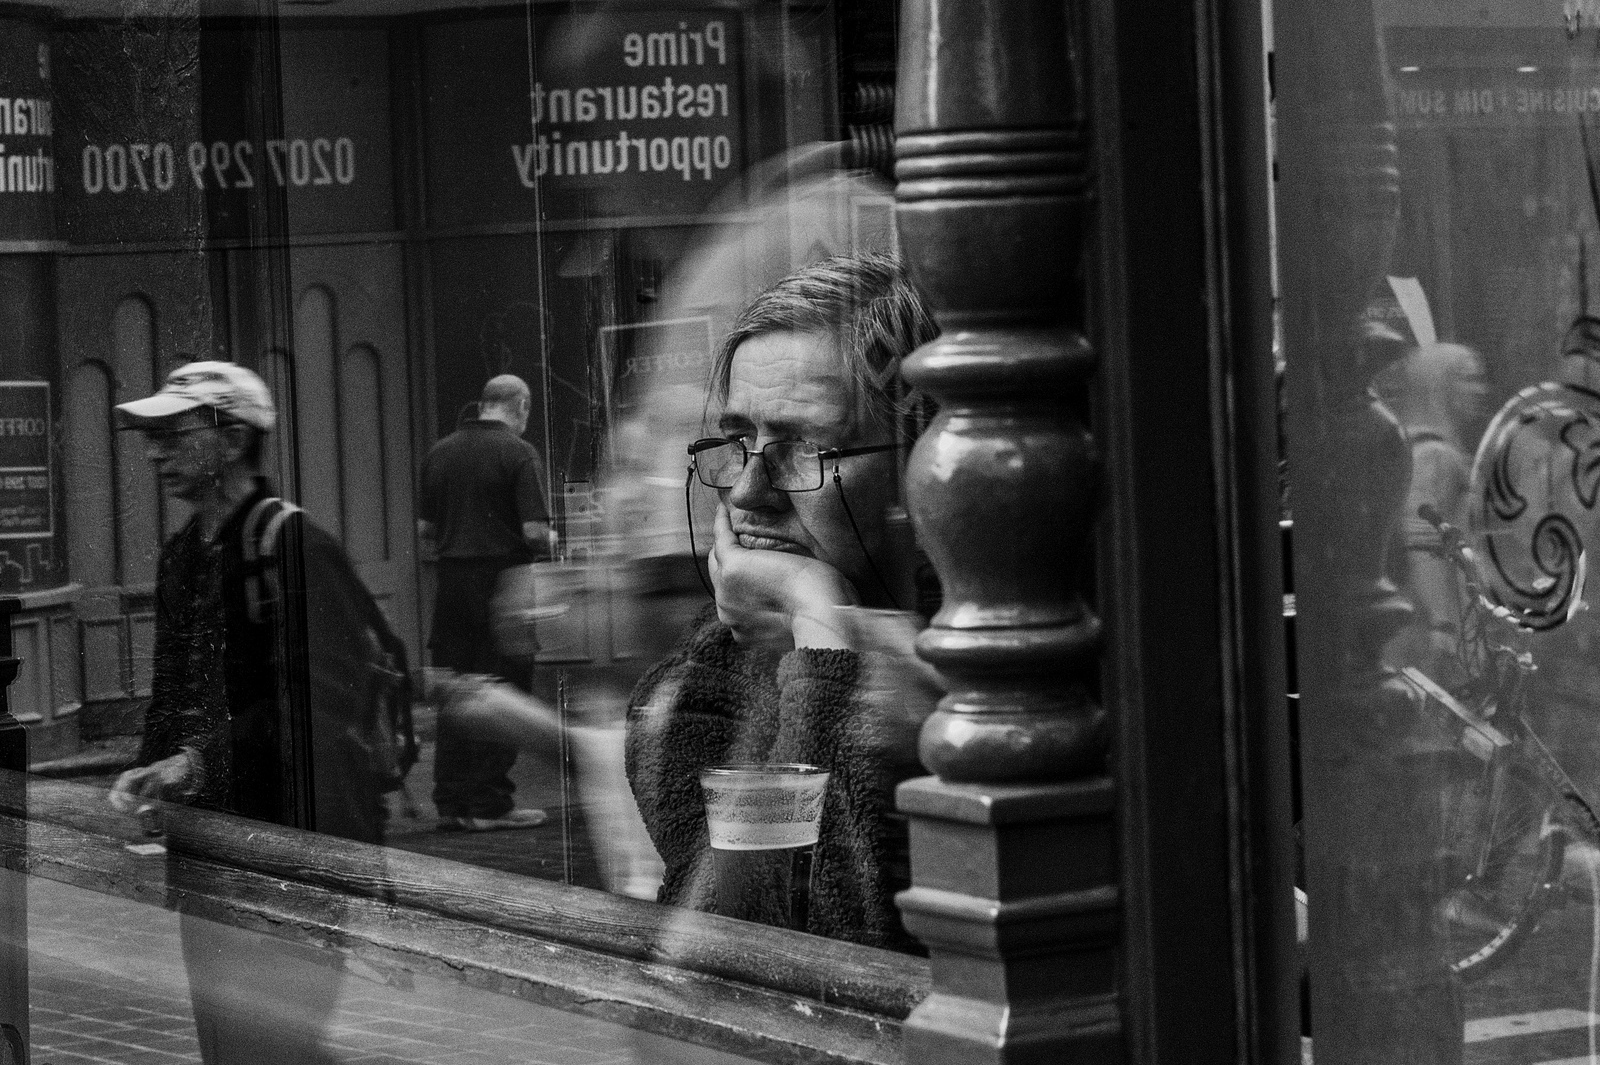 loneliness-in-london-alan-schaller-07